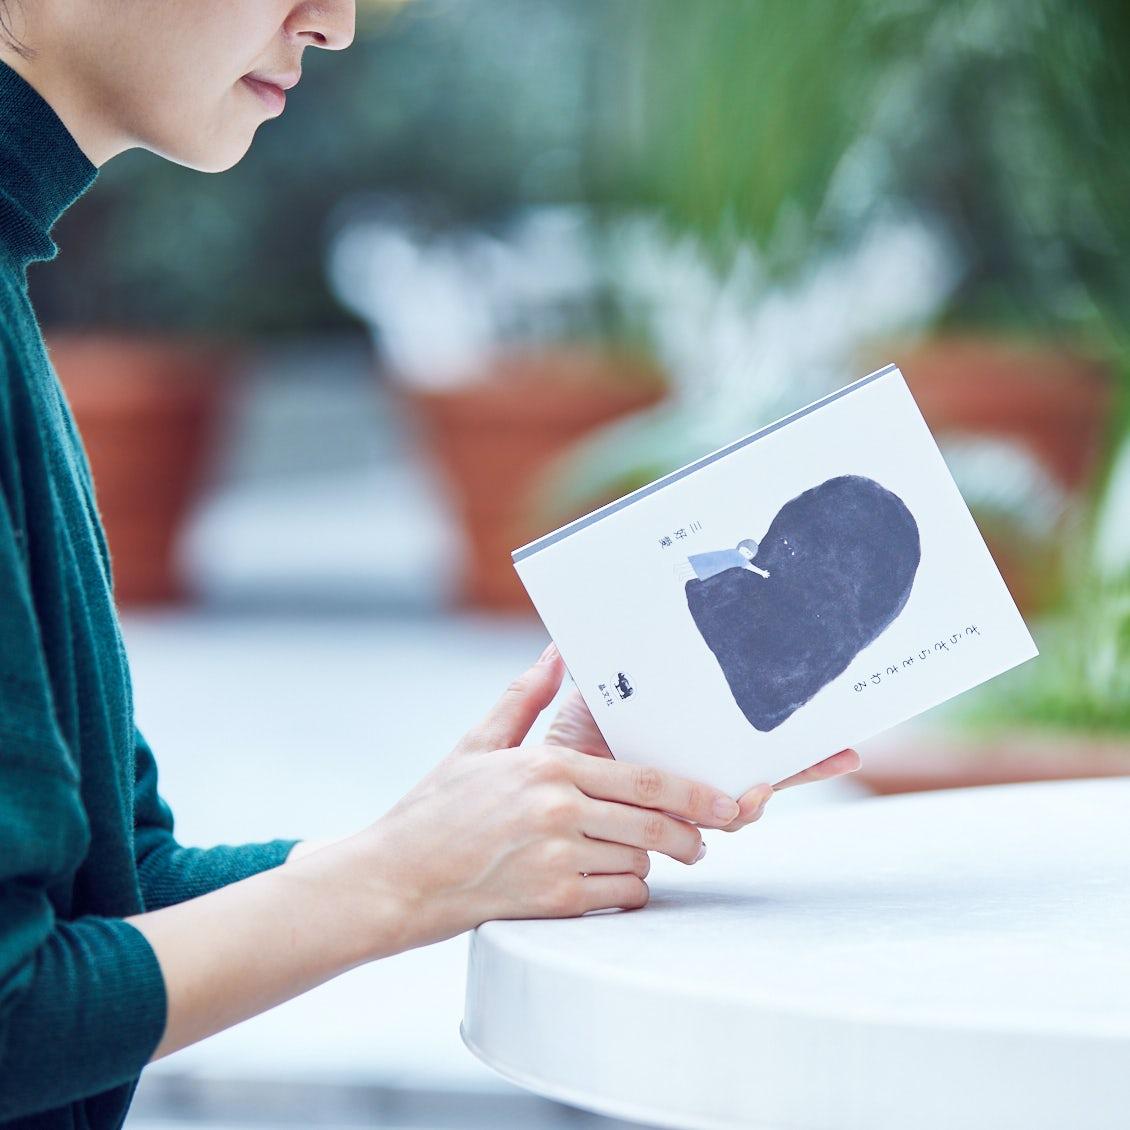 【久しぶりの読書】第1話:読みたい本と出合いたい。久々の本屋の歩き方